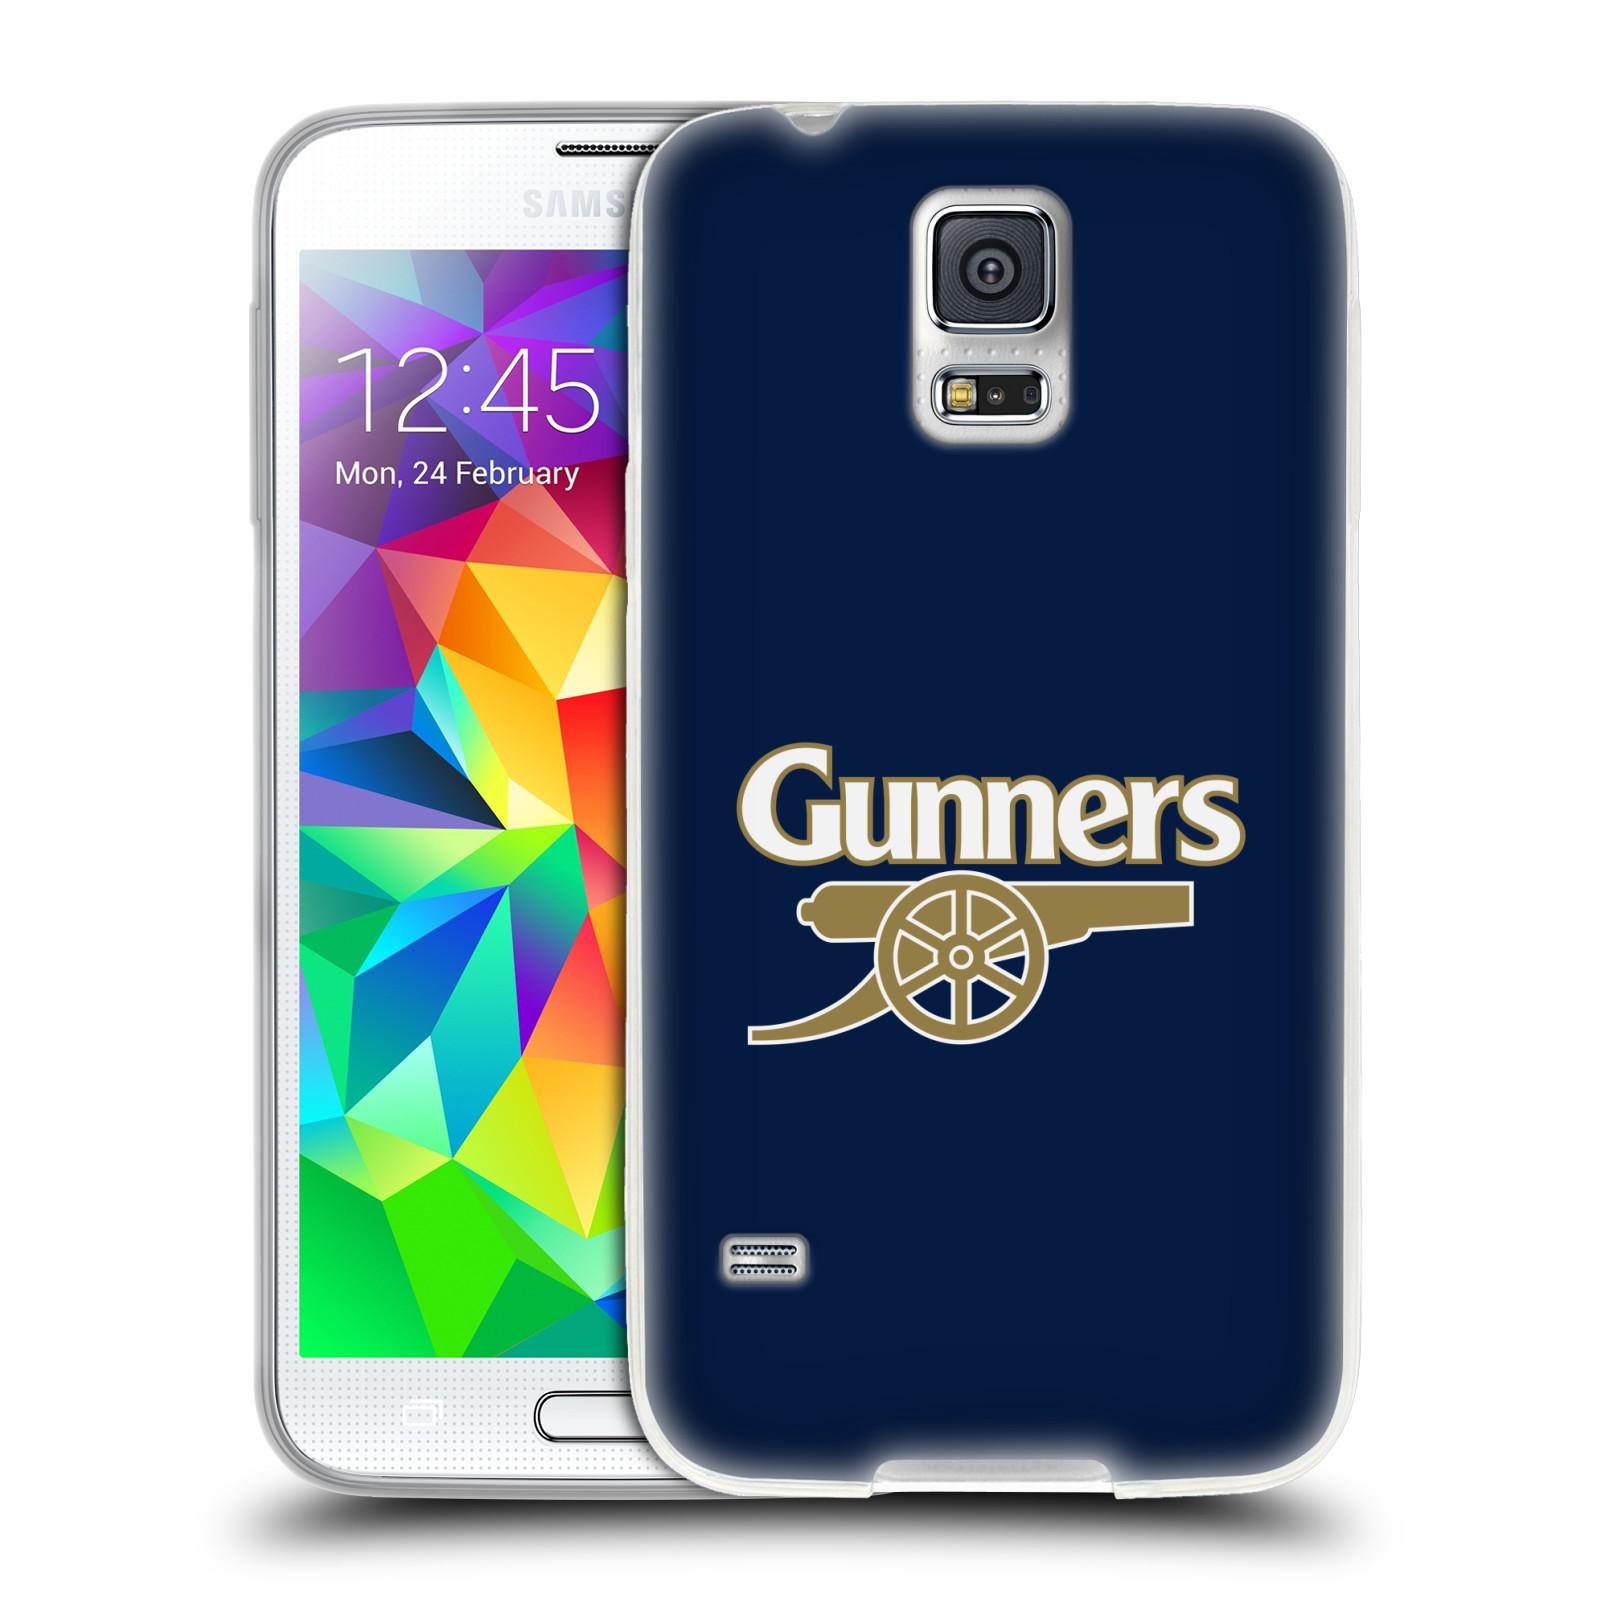 Silikonové pouzdro na mobil Samsung Galaxy S5 Neo - Head Case - Arsenal FC - Gunners